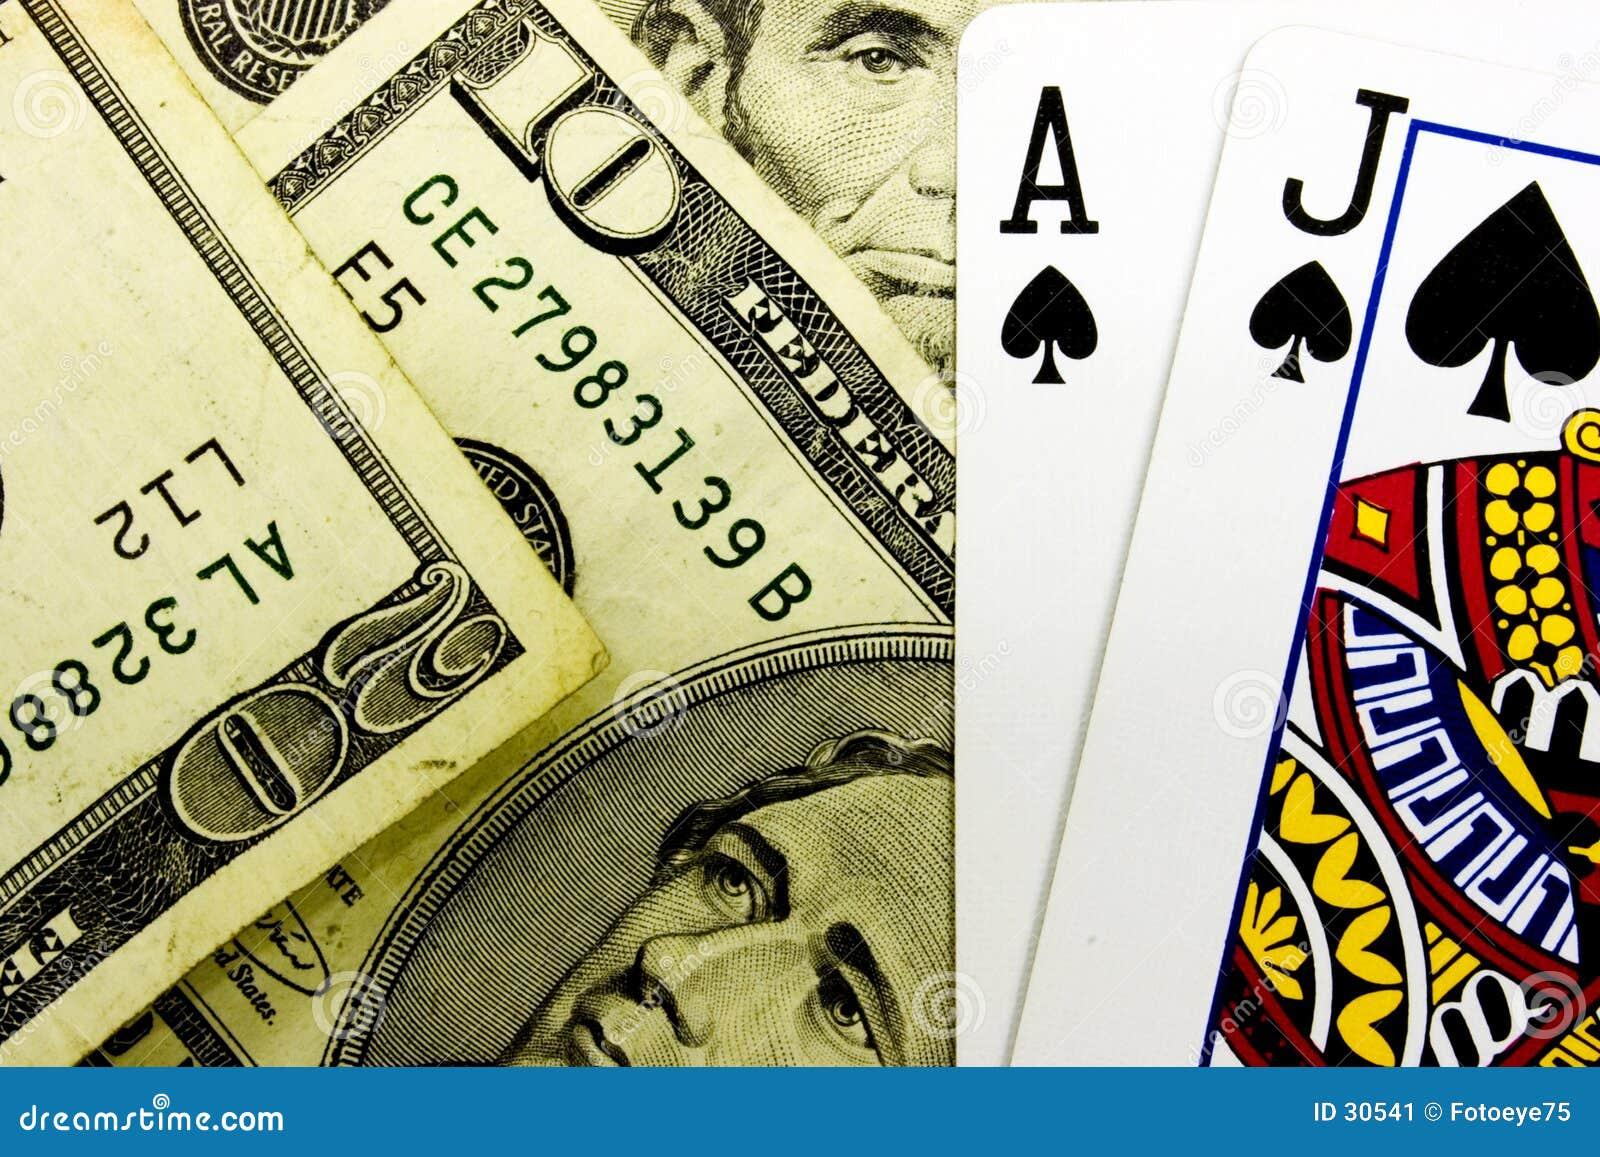 Бонусы в казино рулетка